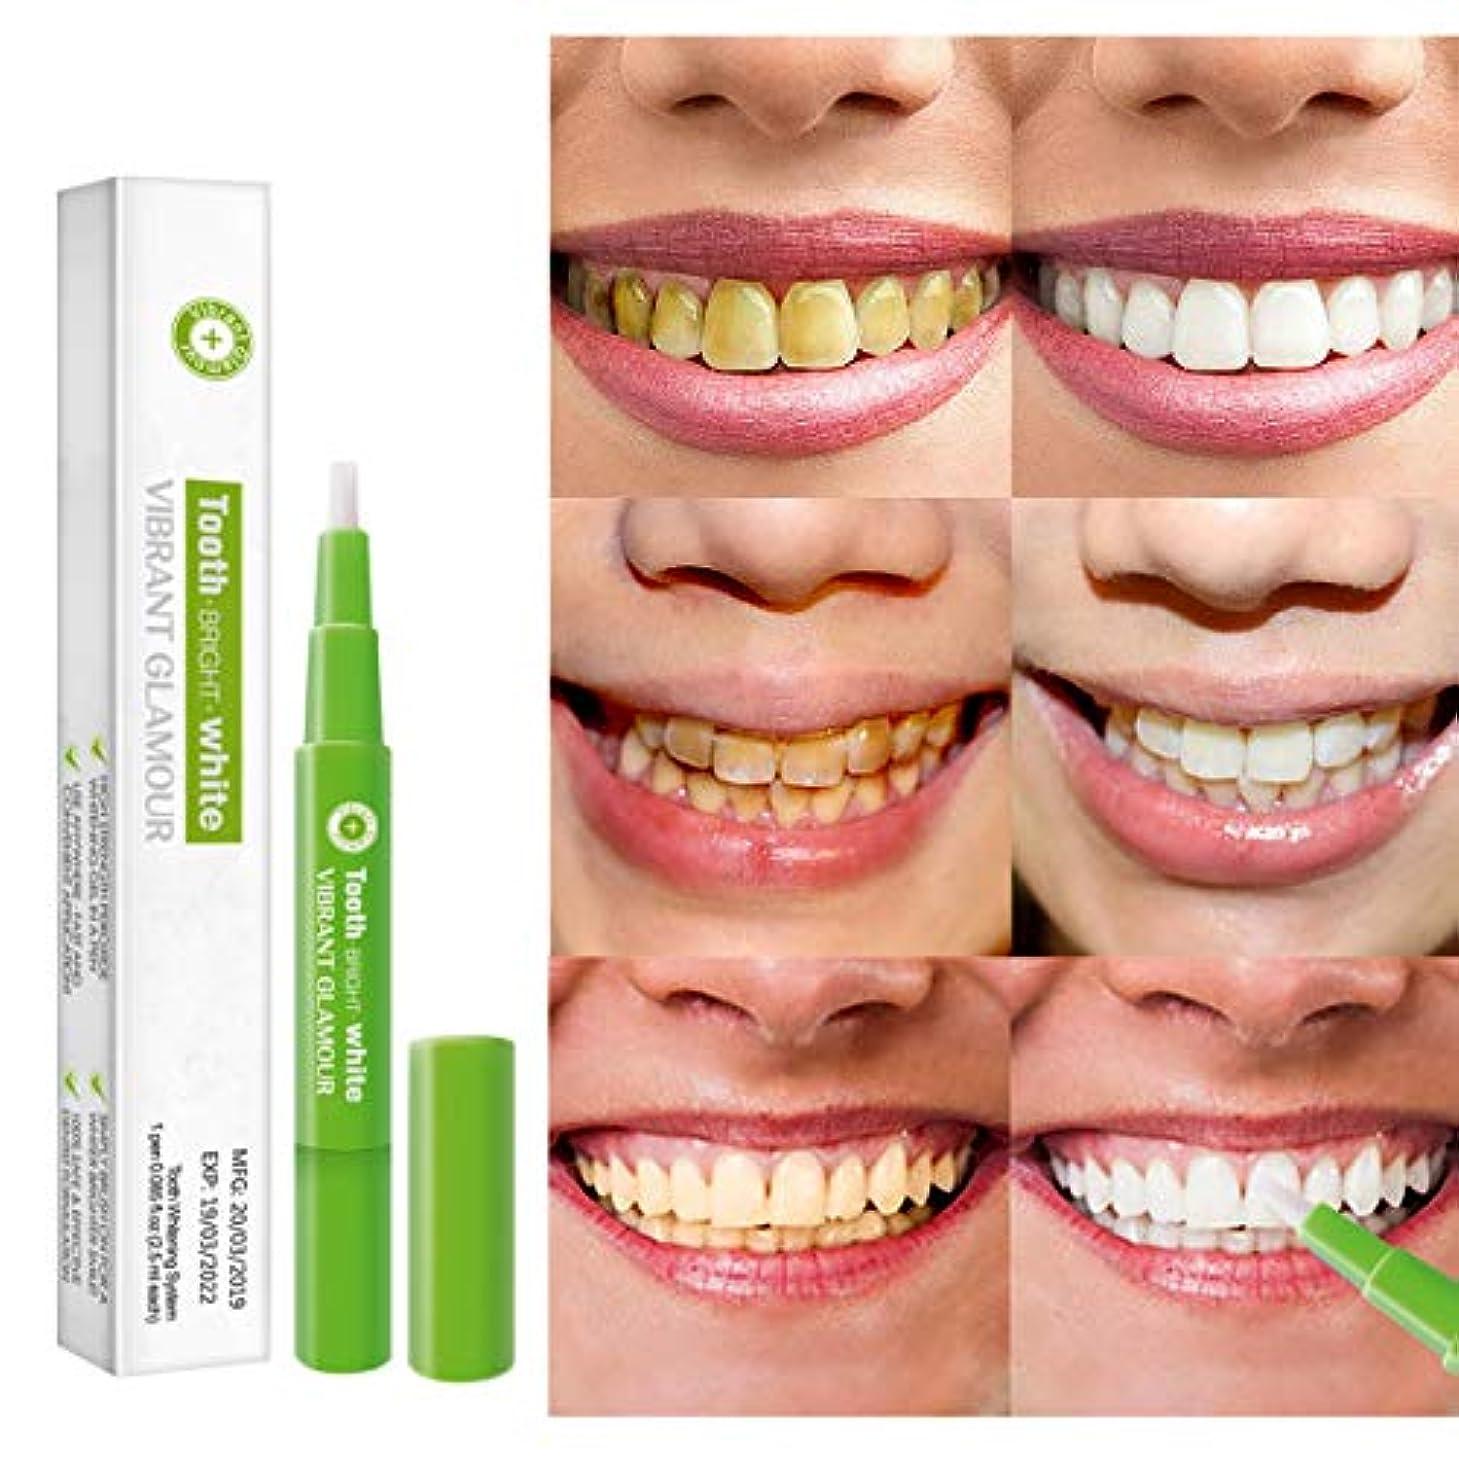 動機付ける期限スチールFalshyvuk 歯の漂白剤 ホワイトニングペンミントの成分安全性 歯の白い漂白剤 携帯便利 瞬間汚れ消しゴムリムーバー 美白ゲル デンタルケア (3g)